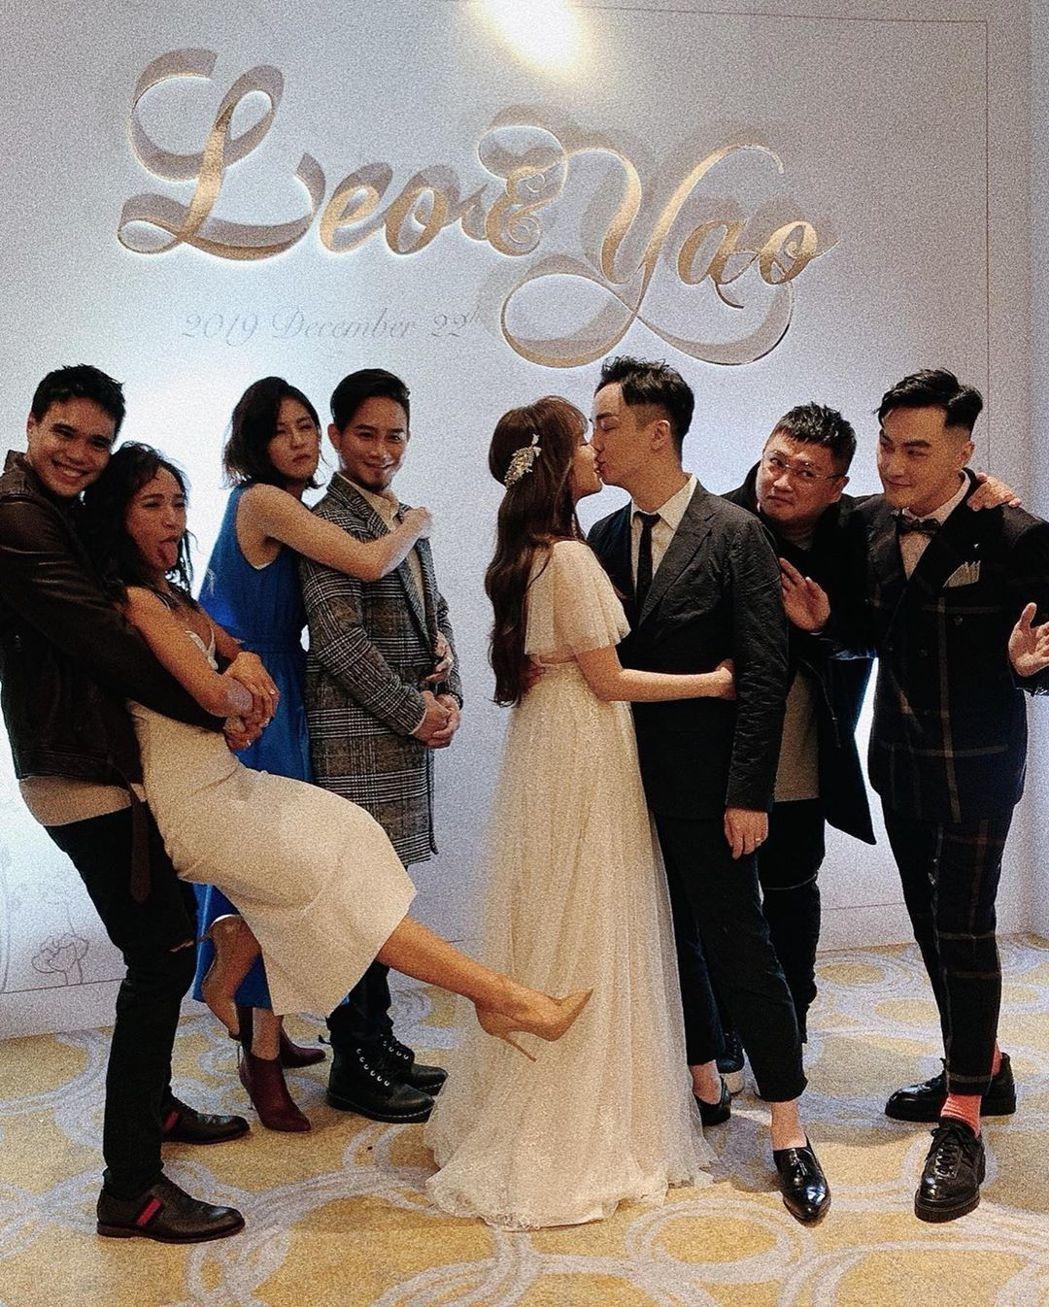 林佩瑤(左五)跟老公武俊傑甜蜜激吻,好友丁一凡(右起)、左光平、吳忠明、曾沛慈很...